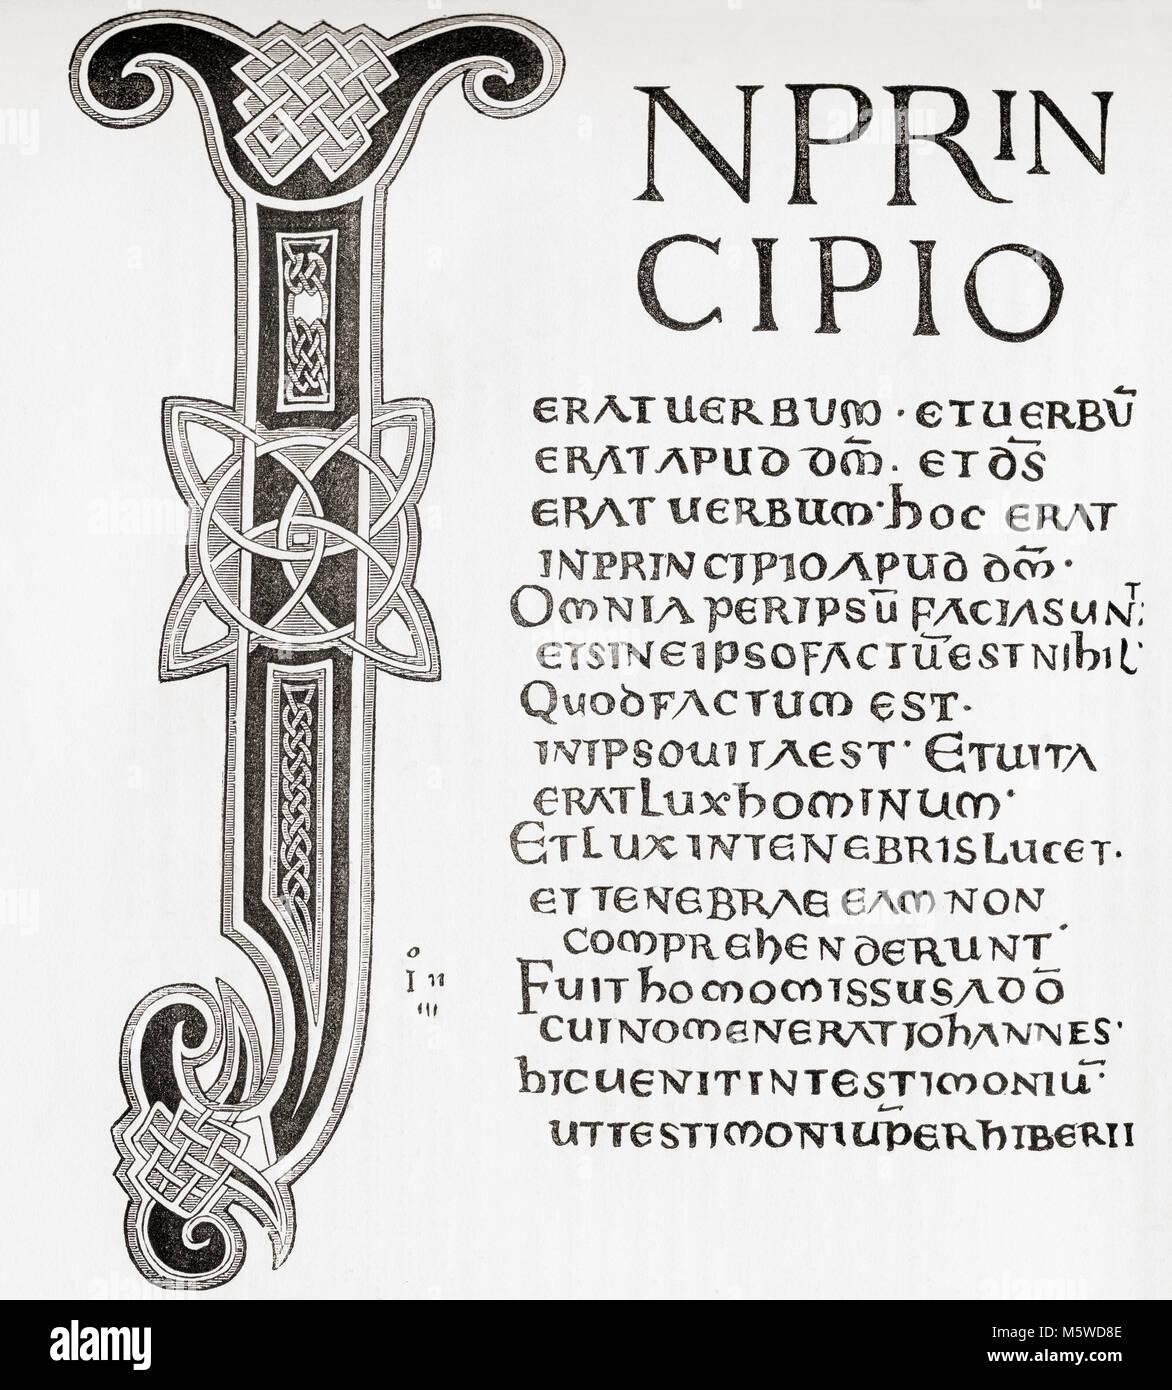 Nach dem Lateinischen evangelien dargestellt von König athelstane an der Kirche von Canterbury. Aus Old England: Stockbild